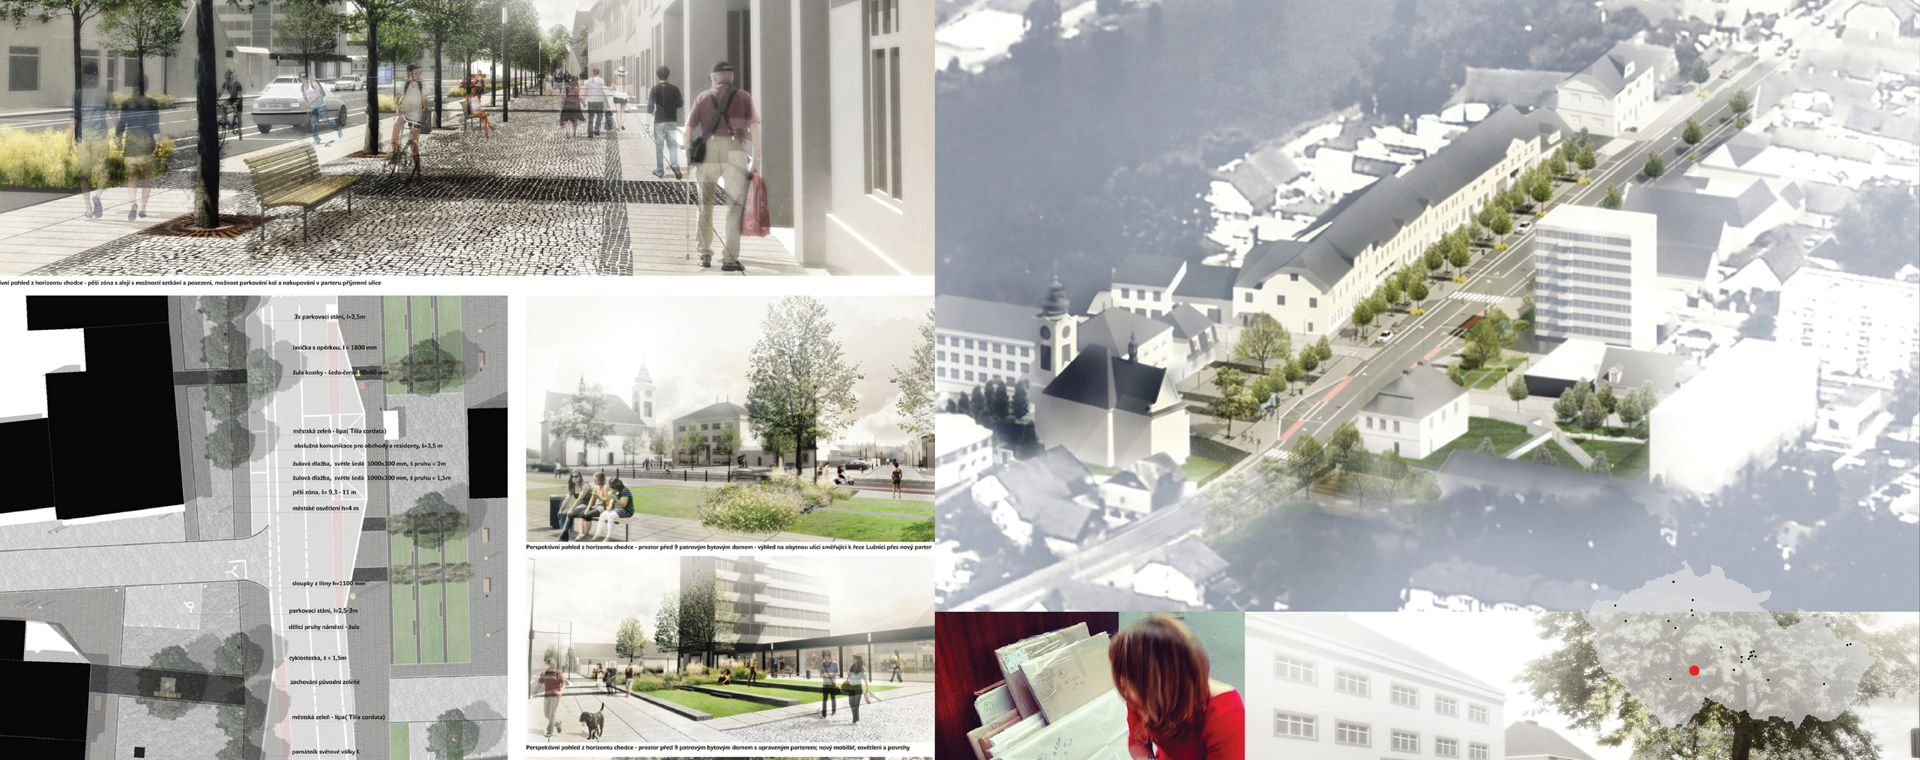 Architektonická soutěž o návrh revitalizace centra města Planá nad Lužnicí, 2014, CZ - 1.místo - příprava realizace pro 2014-2018